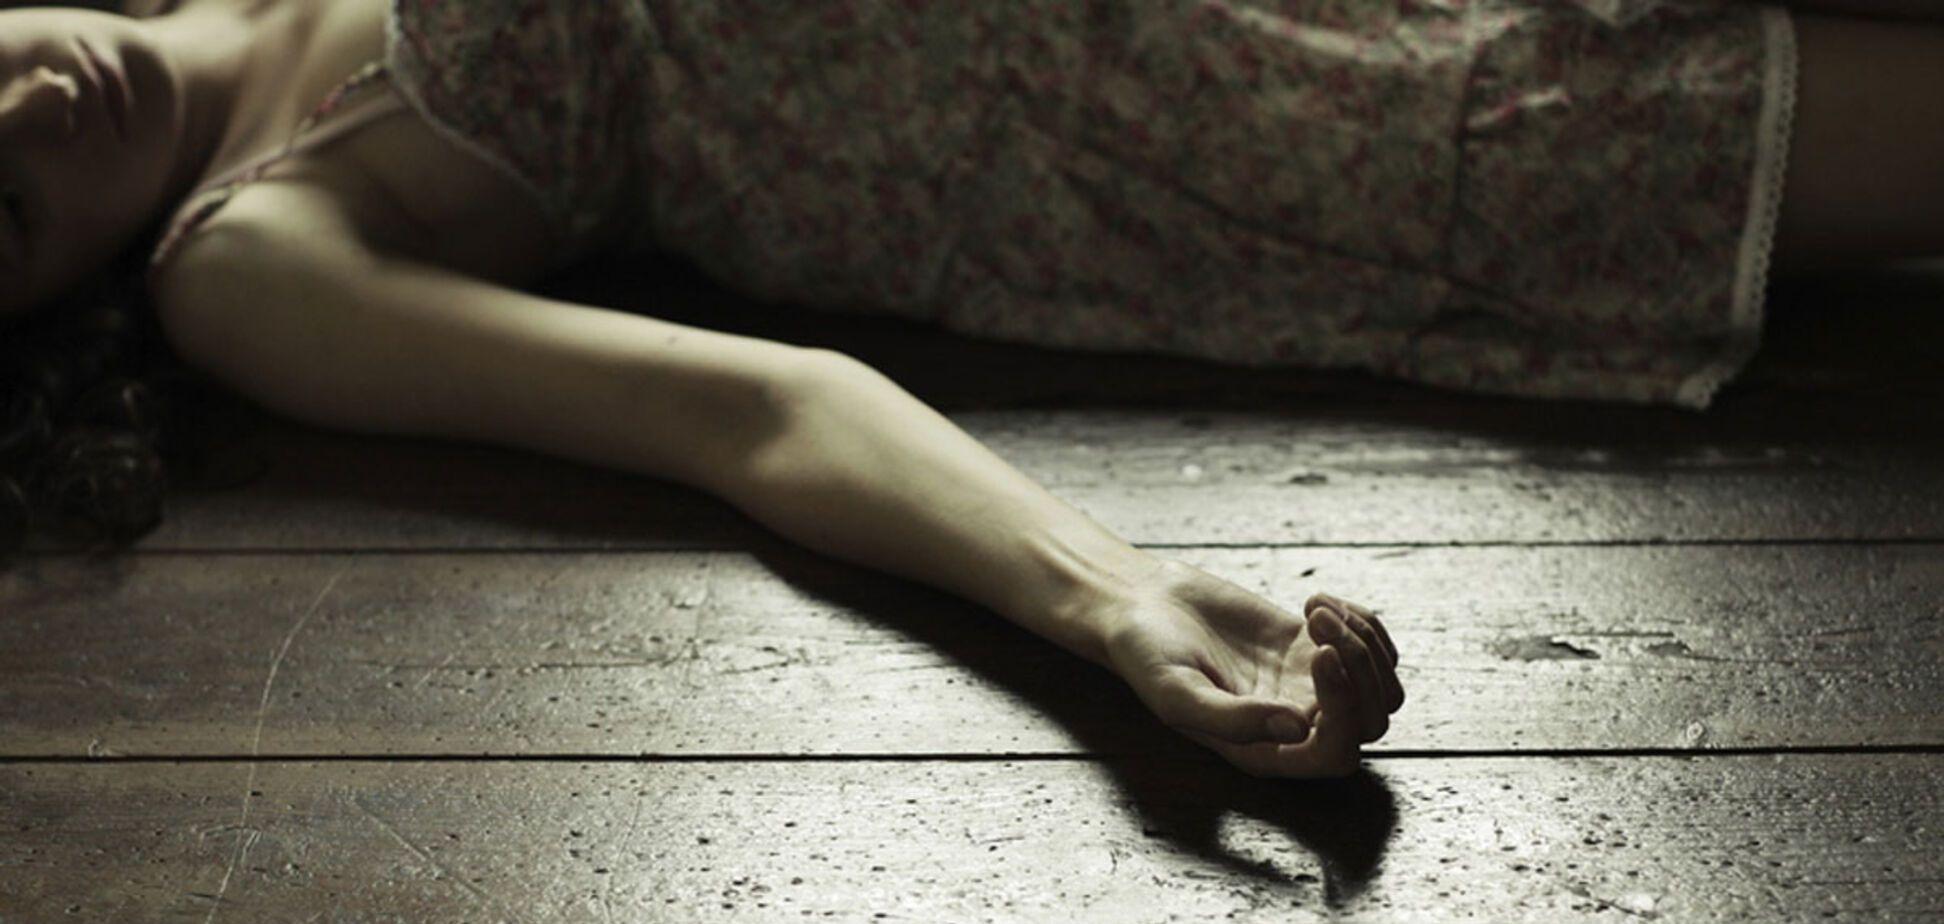 В Днепре в частном доме обнаружили четыре тела. Фото 18+